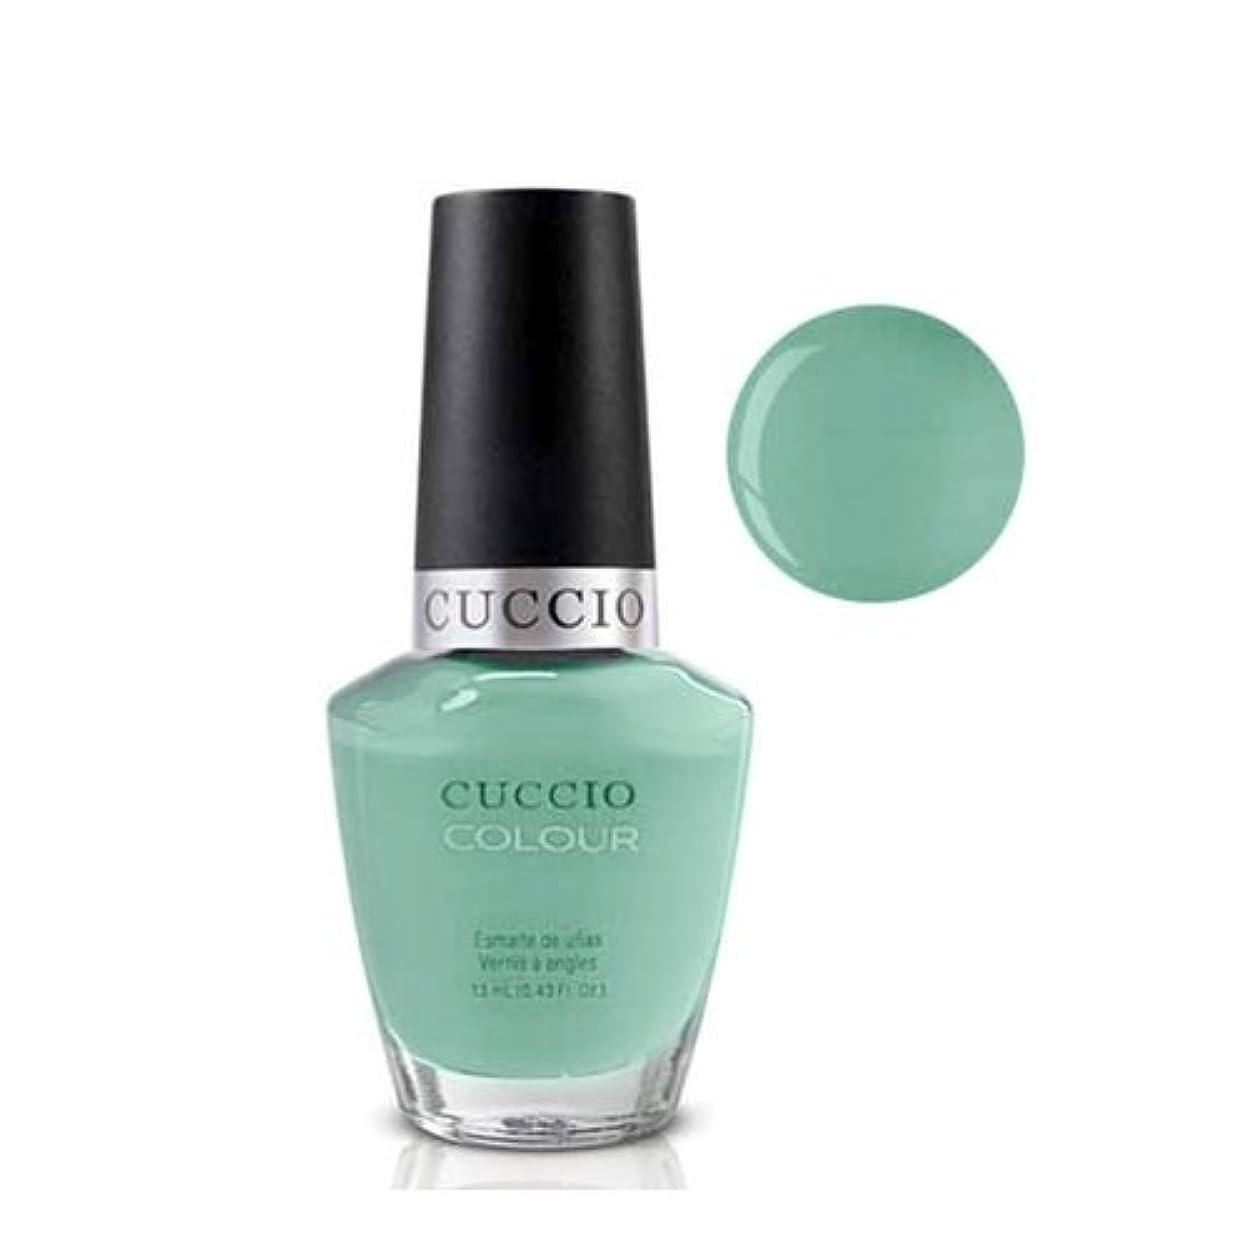 追い出す暗記する広げるCuccio Colour Gloss Lacquer - Karma - 0.43oz / 13ml